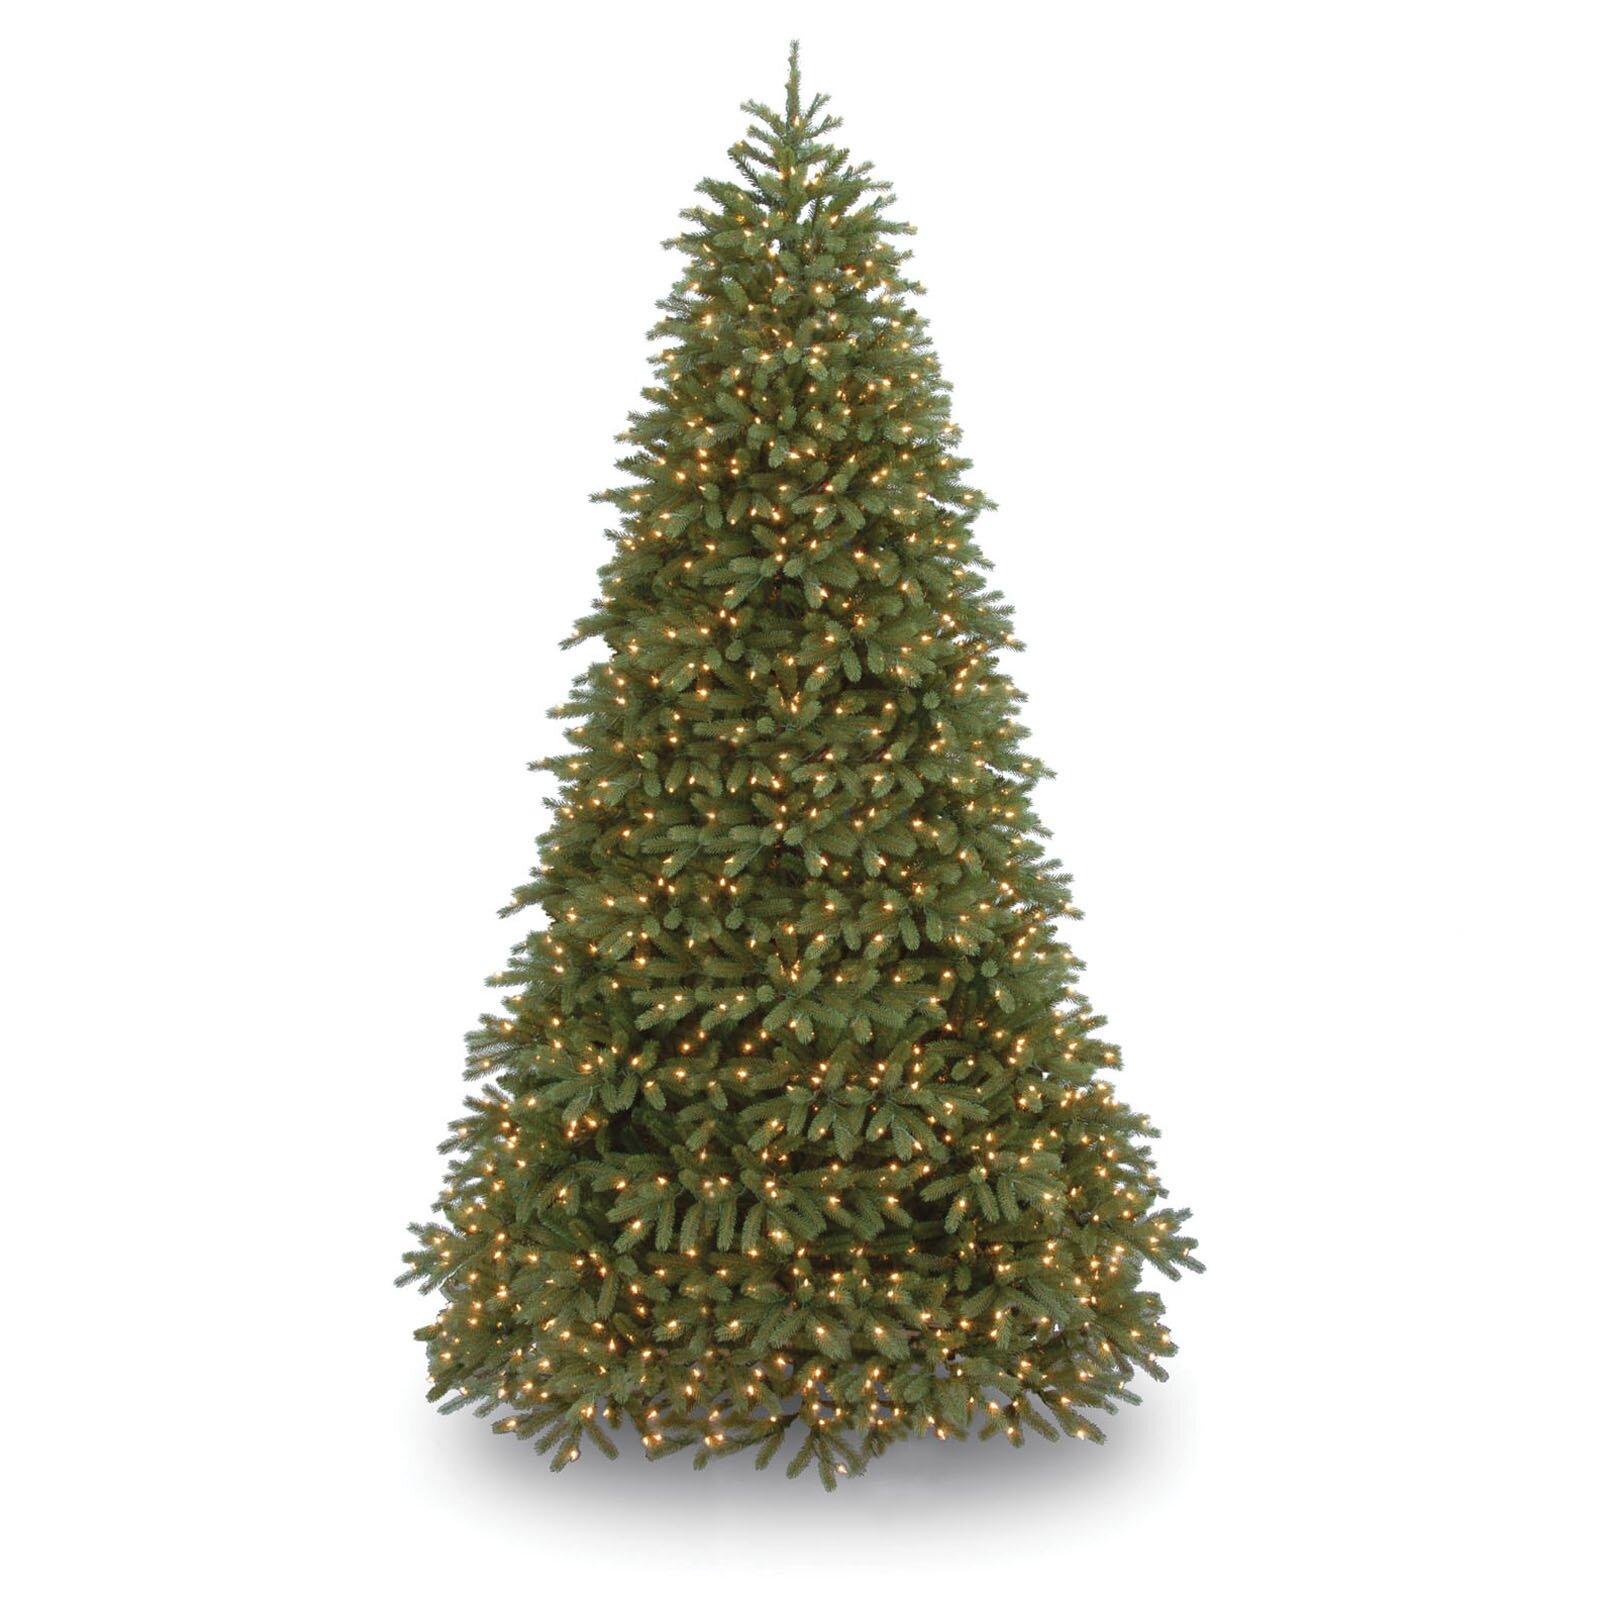 Christmas Lights Jersey: National Tree Co. Jersey Fraser Fir 9' Green Medium